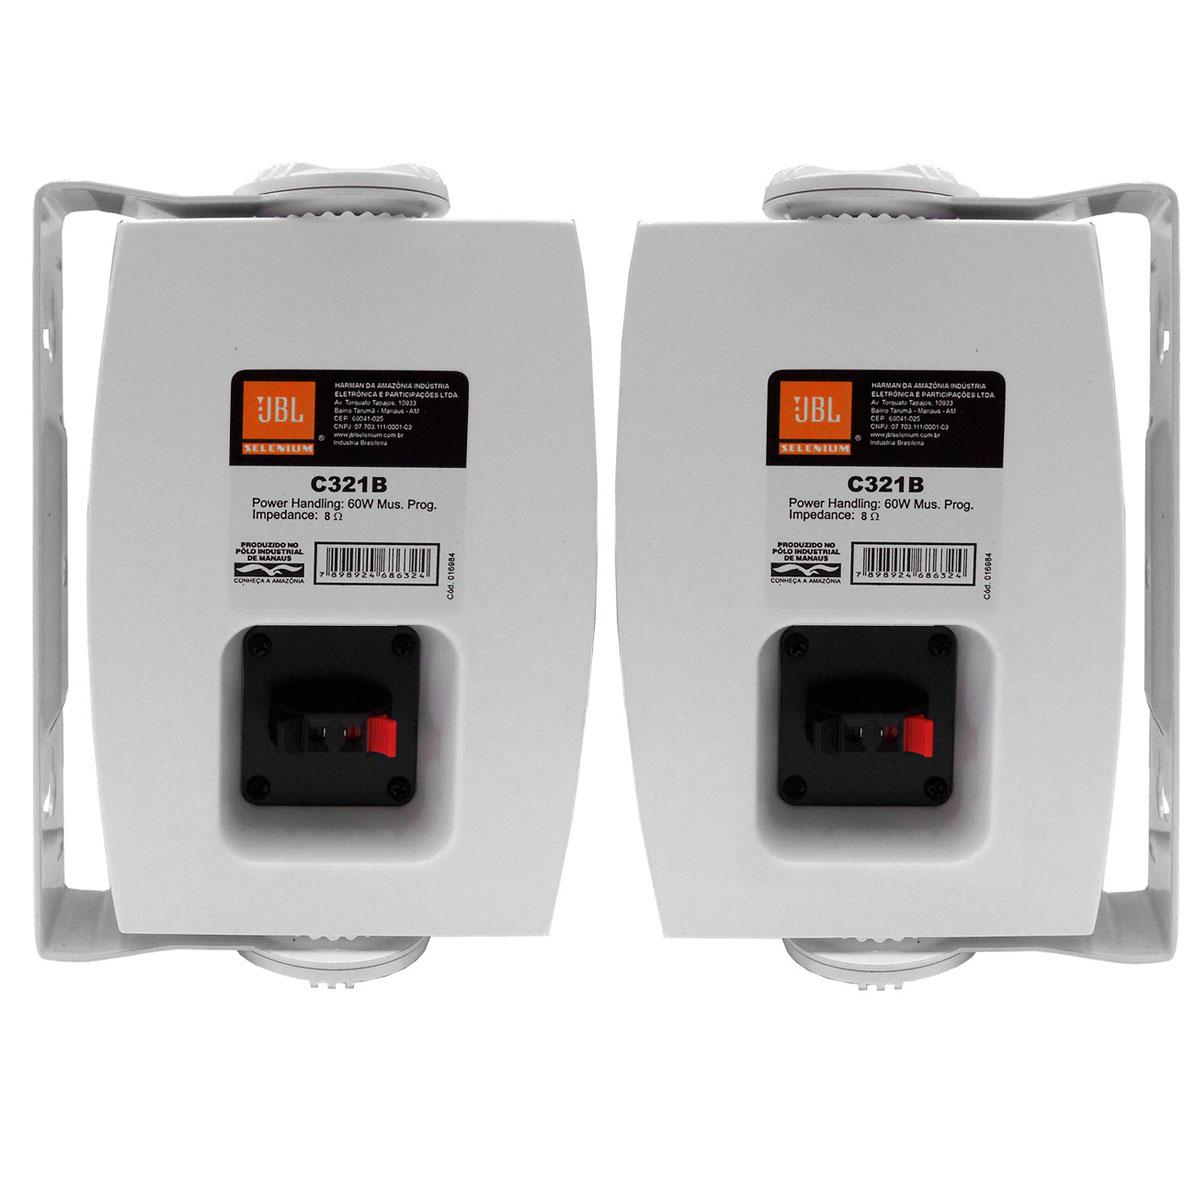 Caixa Passiva p/ Som Ambiente Fal 3 Pol 30W c/ Suporte (Par) C 321 B - JBL